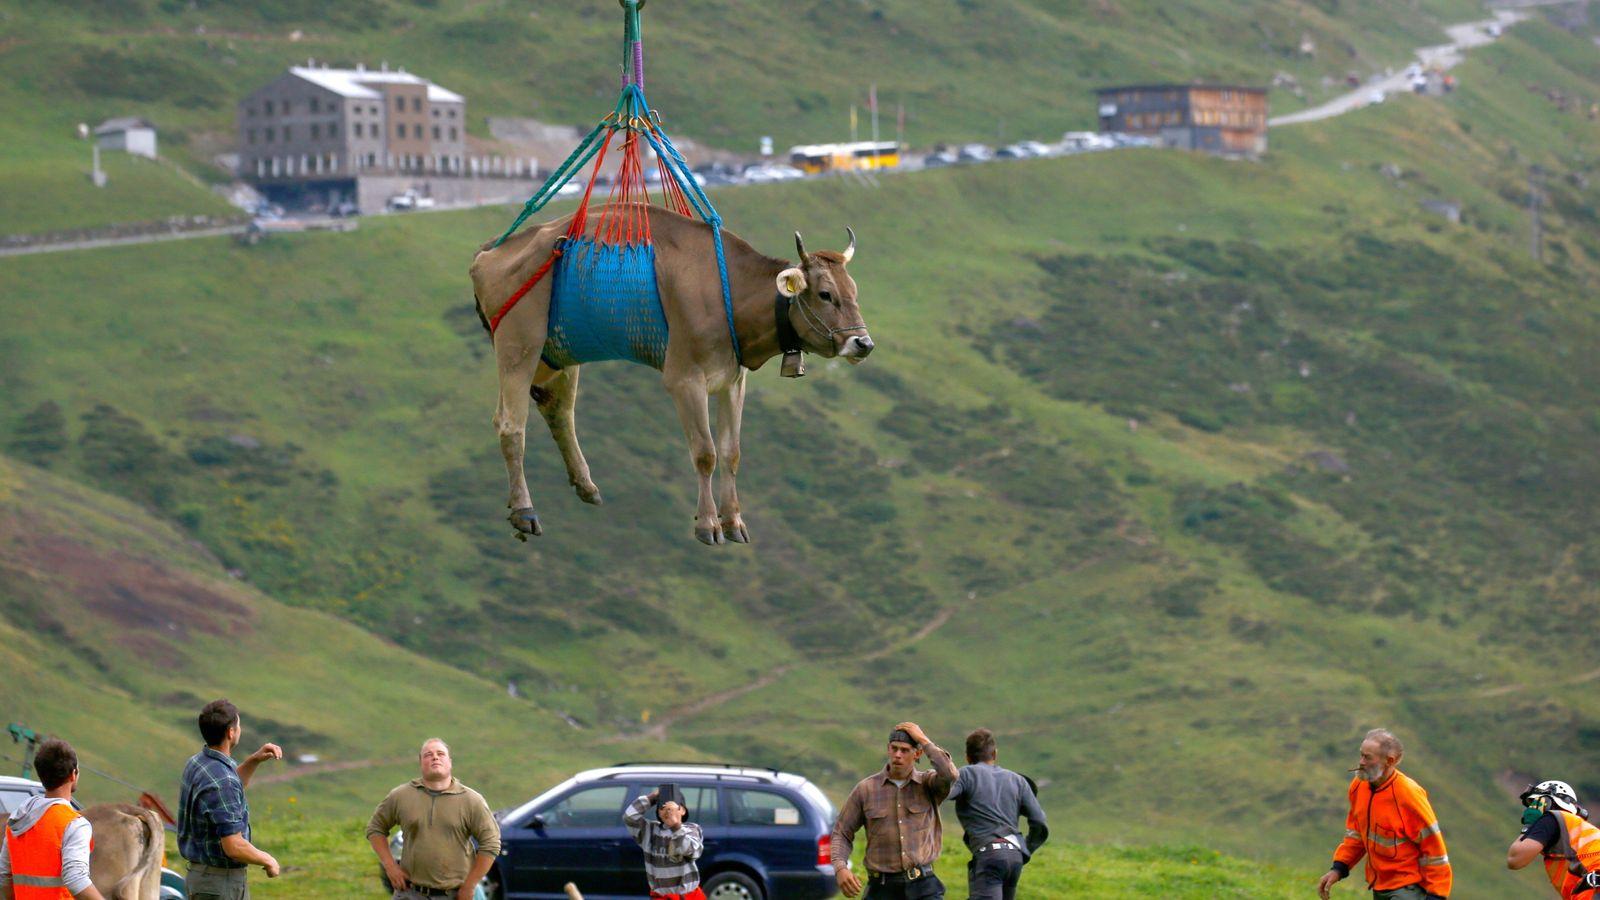 घाइते गाईलाई जब हेलिकप्टरबाट उद्धार गरियो… (तस्बिरहरु)